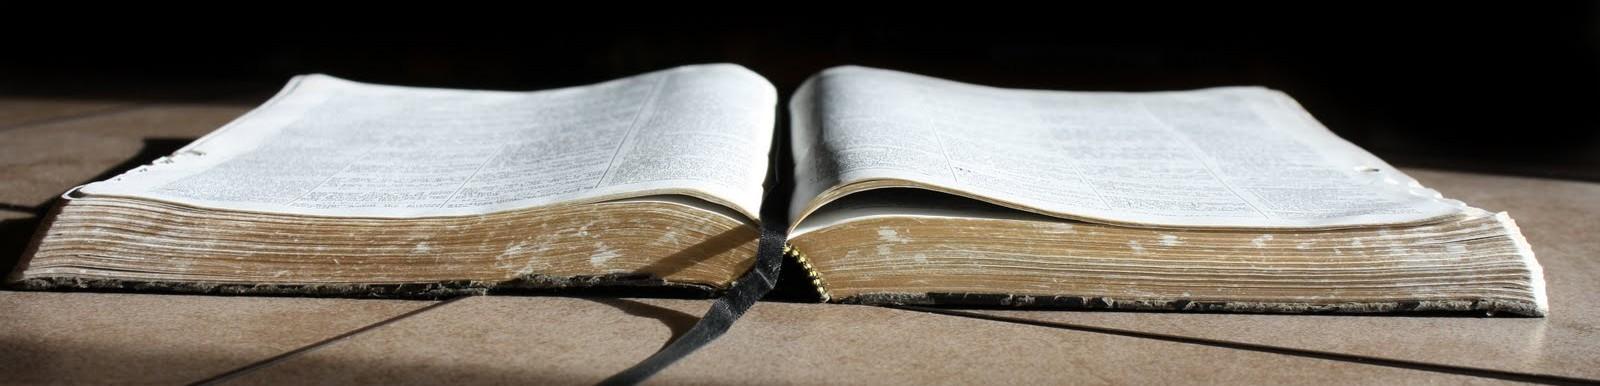 Cours Bibliques par Correspondance